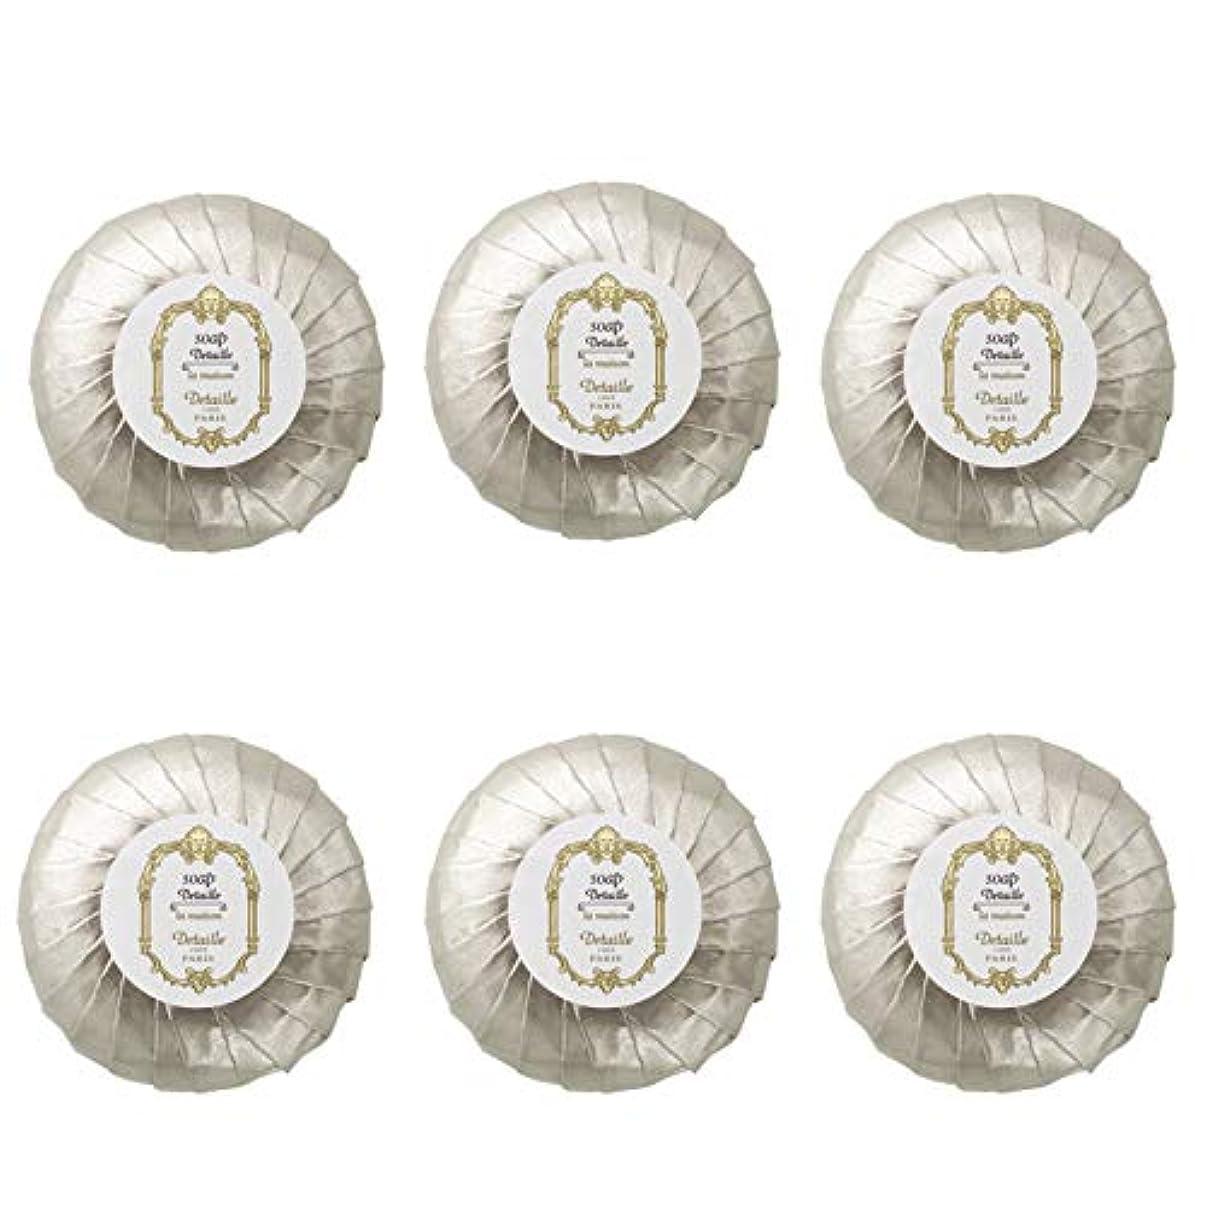 コンパニオン有名な侮辱POLA デタイユ ラ メゾン スキンソープ 固形石鹸 (プリーツ包装) 50g×6個